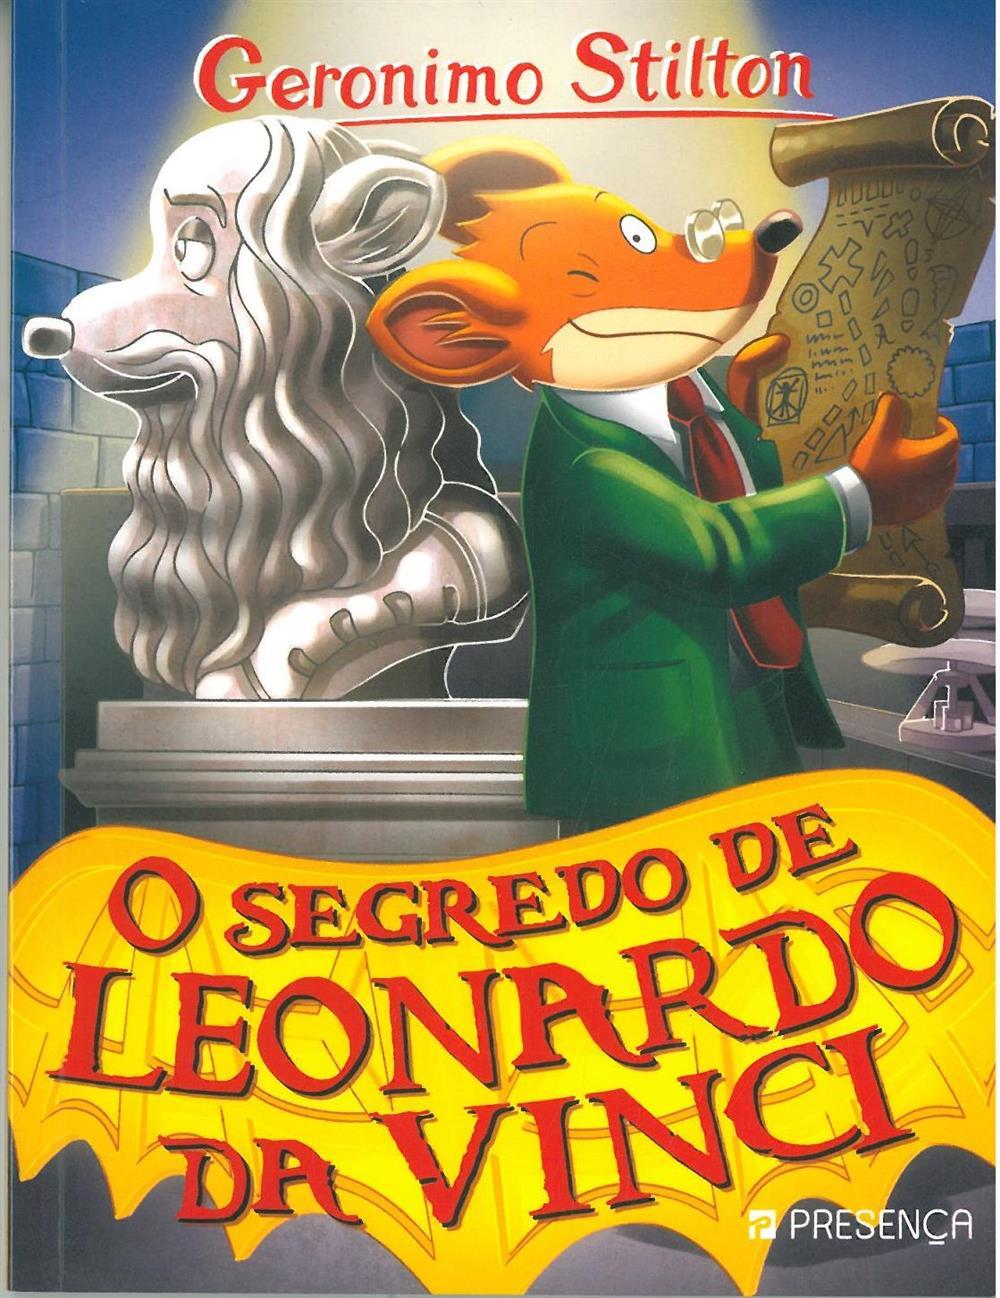 O segredo de Leonardo da Vinci.jpg